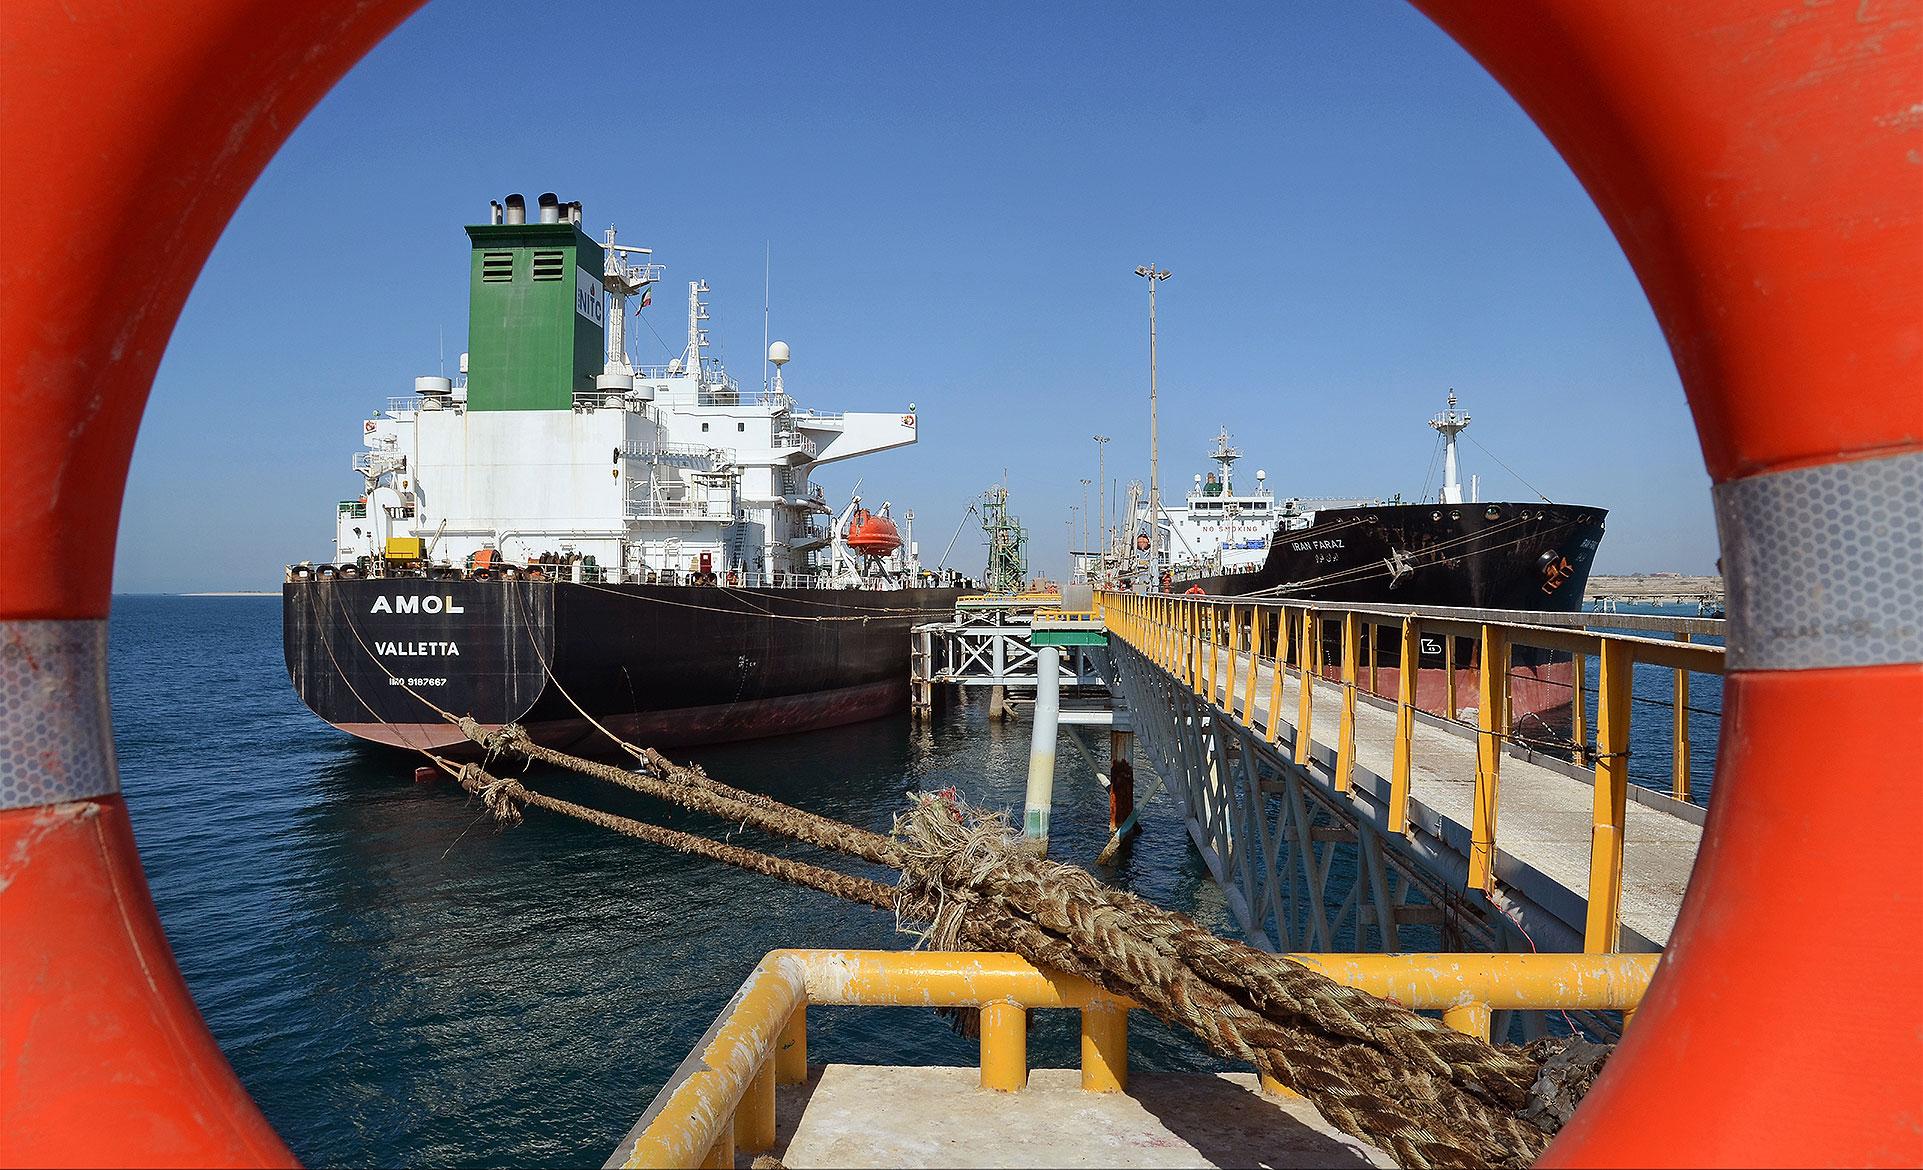 ایران گذرگاه نفتی میشود / مقصد اولین سوآپ نفتی از ایران بر مدار خلیج فارس چرخید